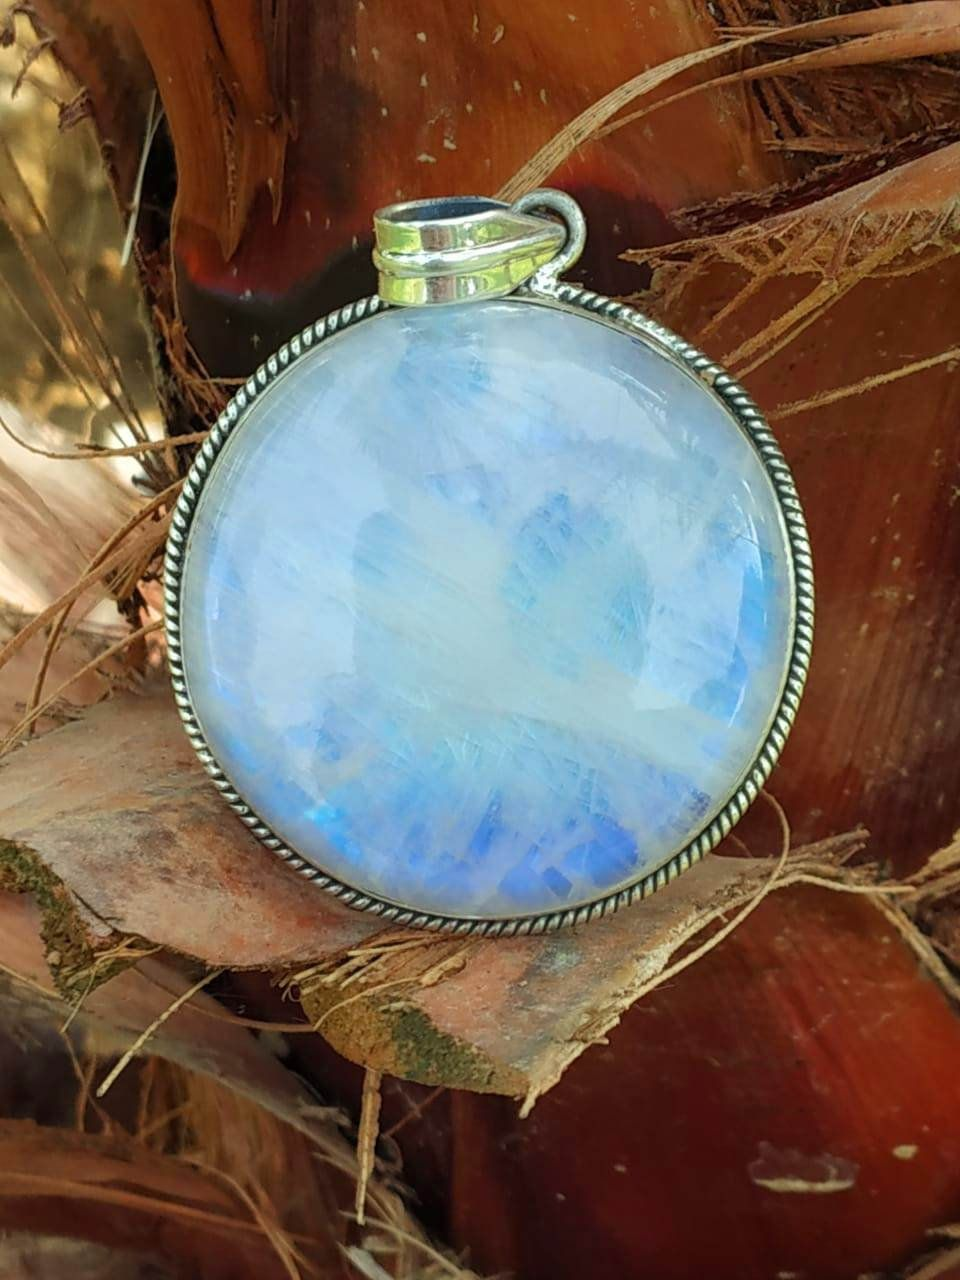 Moonstone Pendant Handmade June Birthstone Pendants 925 Sterling Silver Pendants for Womens Round Gemstone Pendants Bohemian Pendants for Christmas Gift